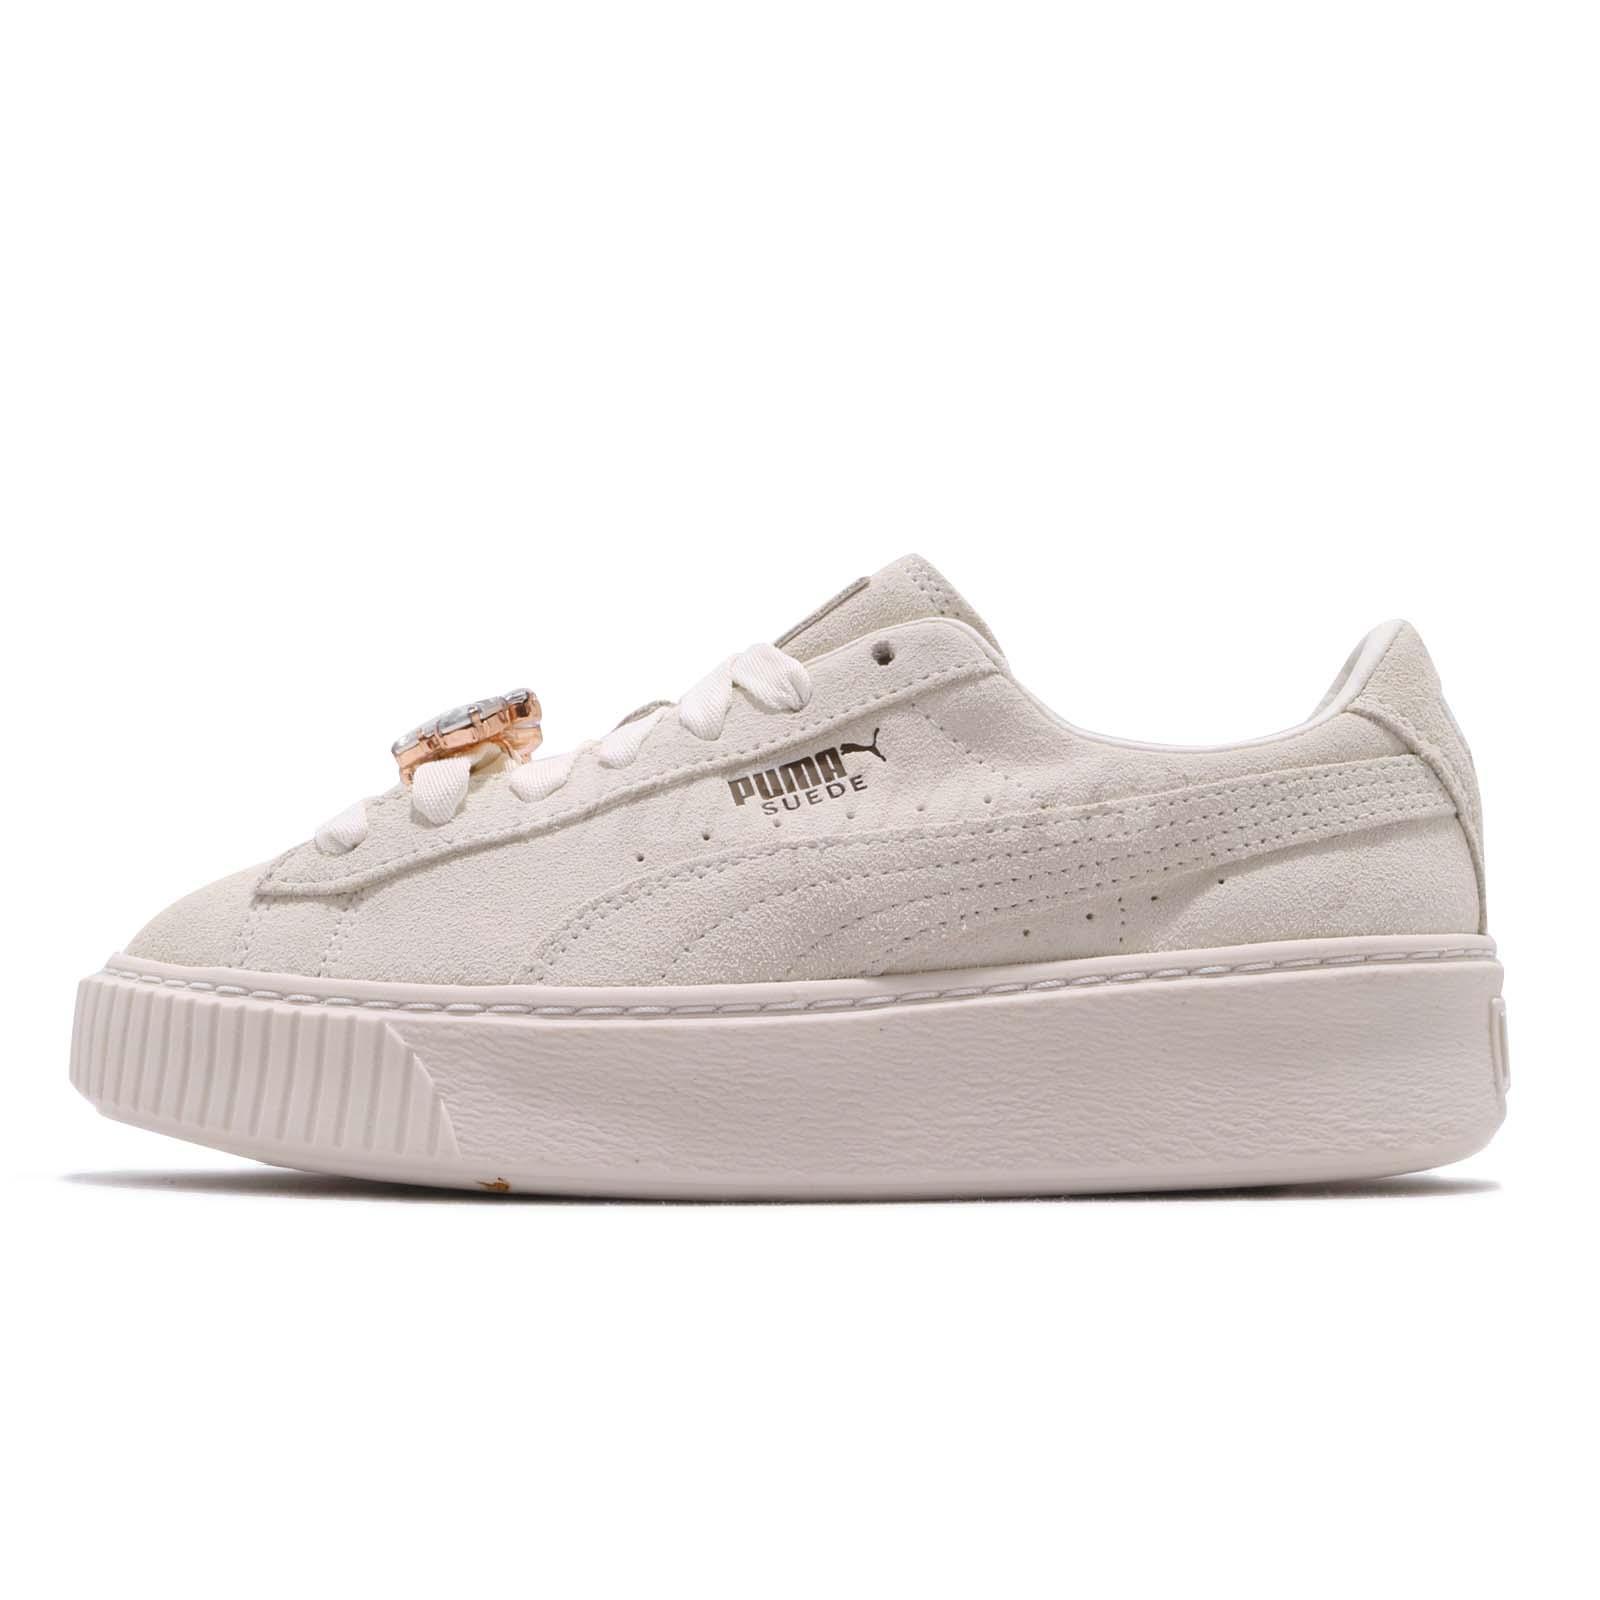 Puma Suede Platform Gem Wns Ivory Womens Lifestyle Casual Shoes 367452-03 1e4370d9b